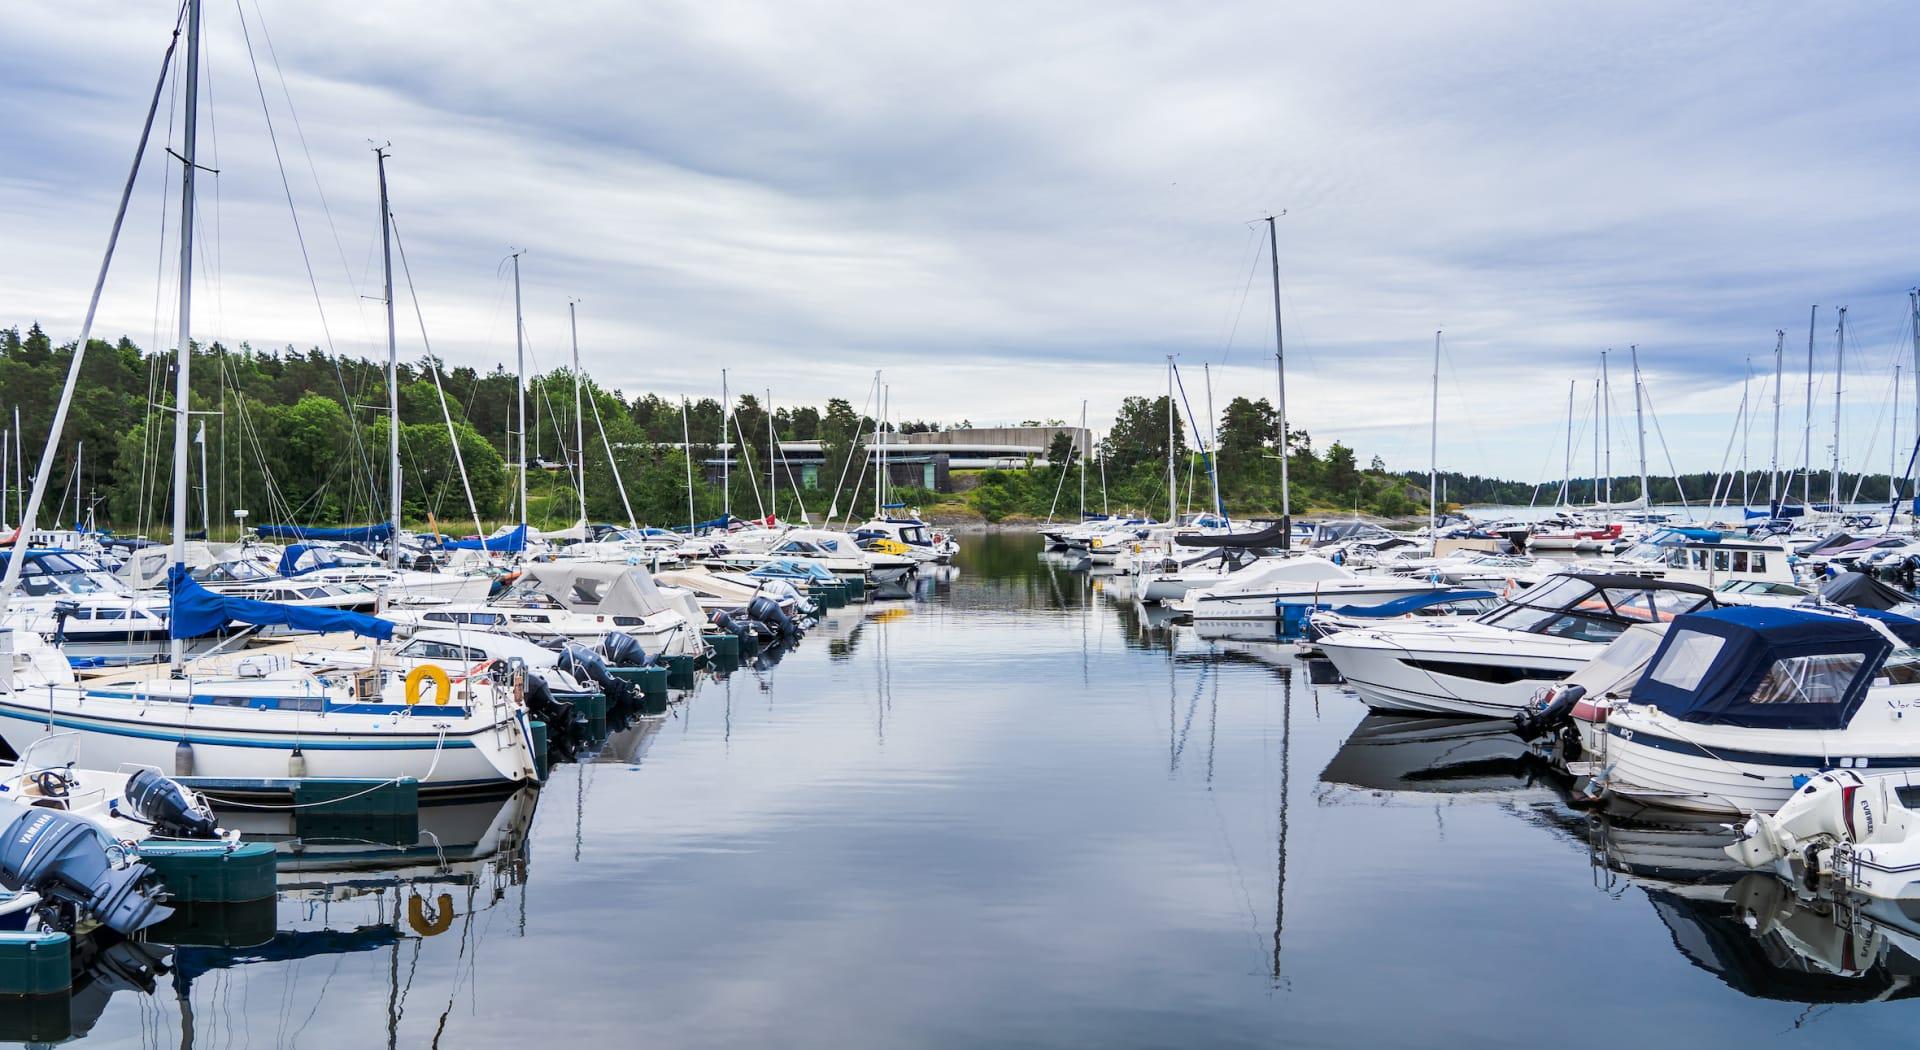 På FRØY bor dere med nærhet til alt, også sjøen. Det åpner opp for en rekke muligheter enten dere har båt eller ei.